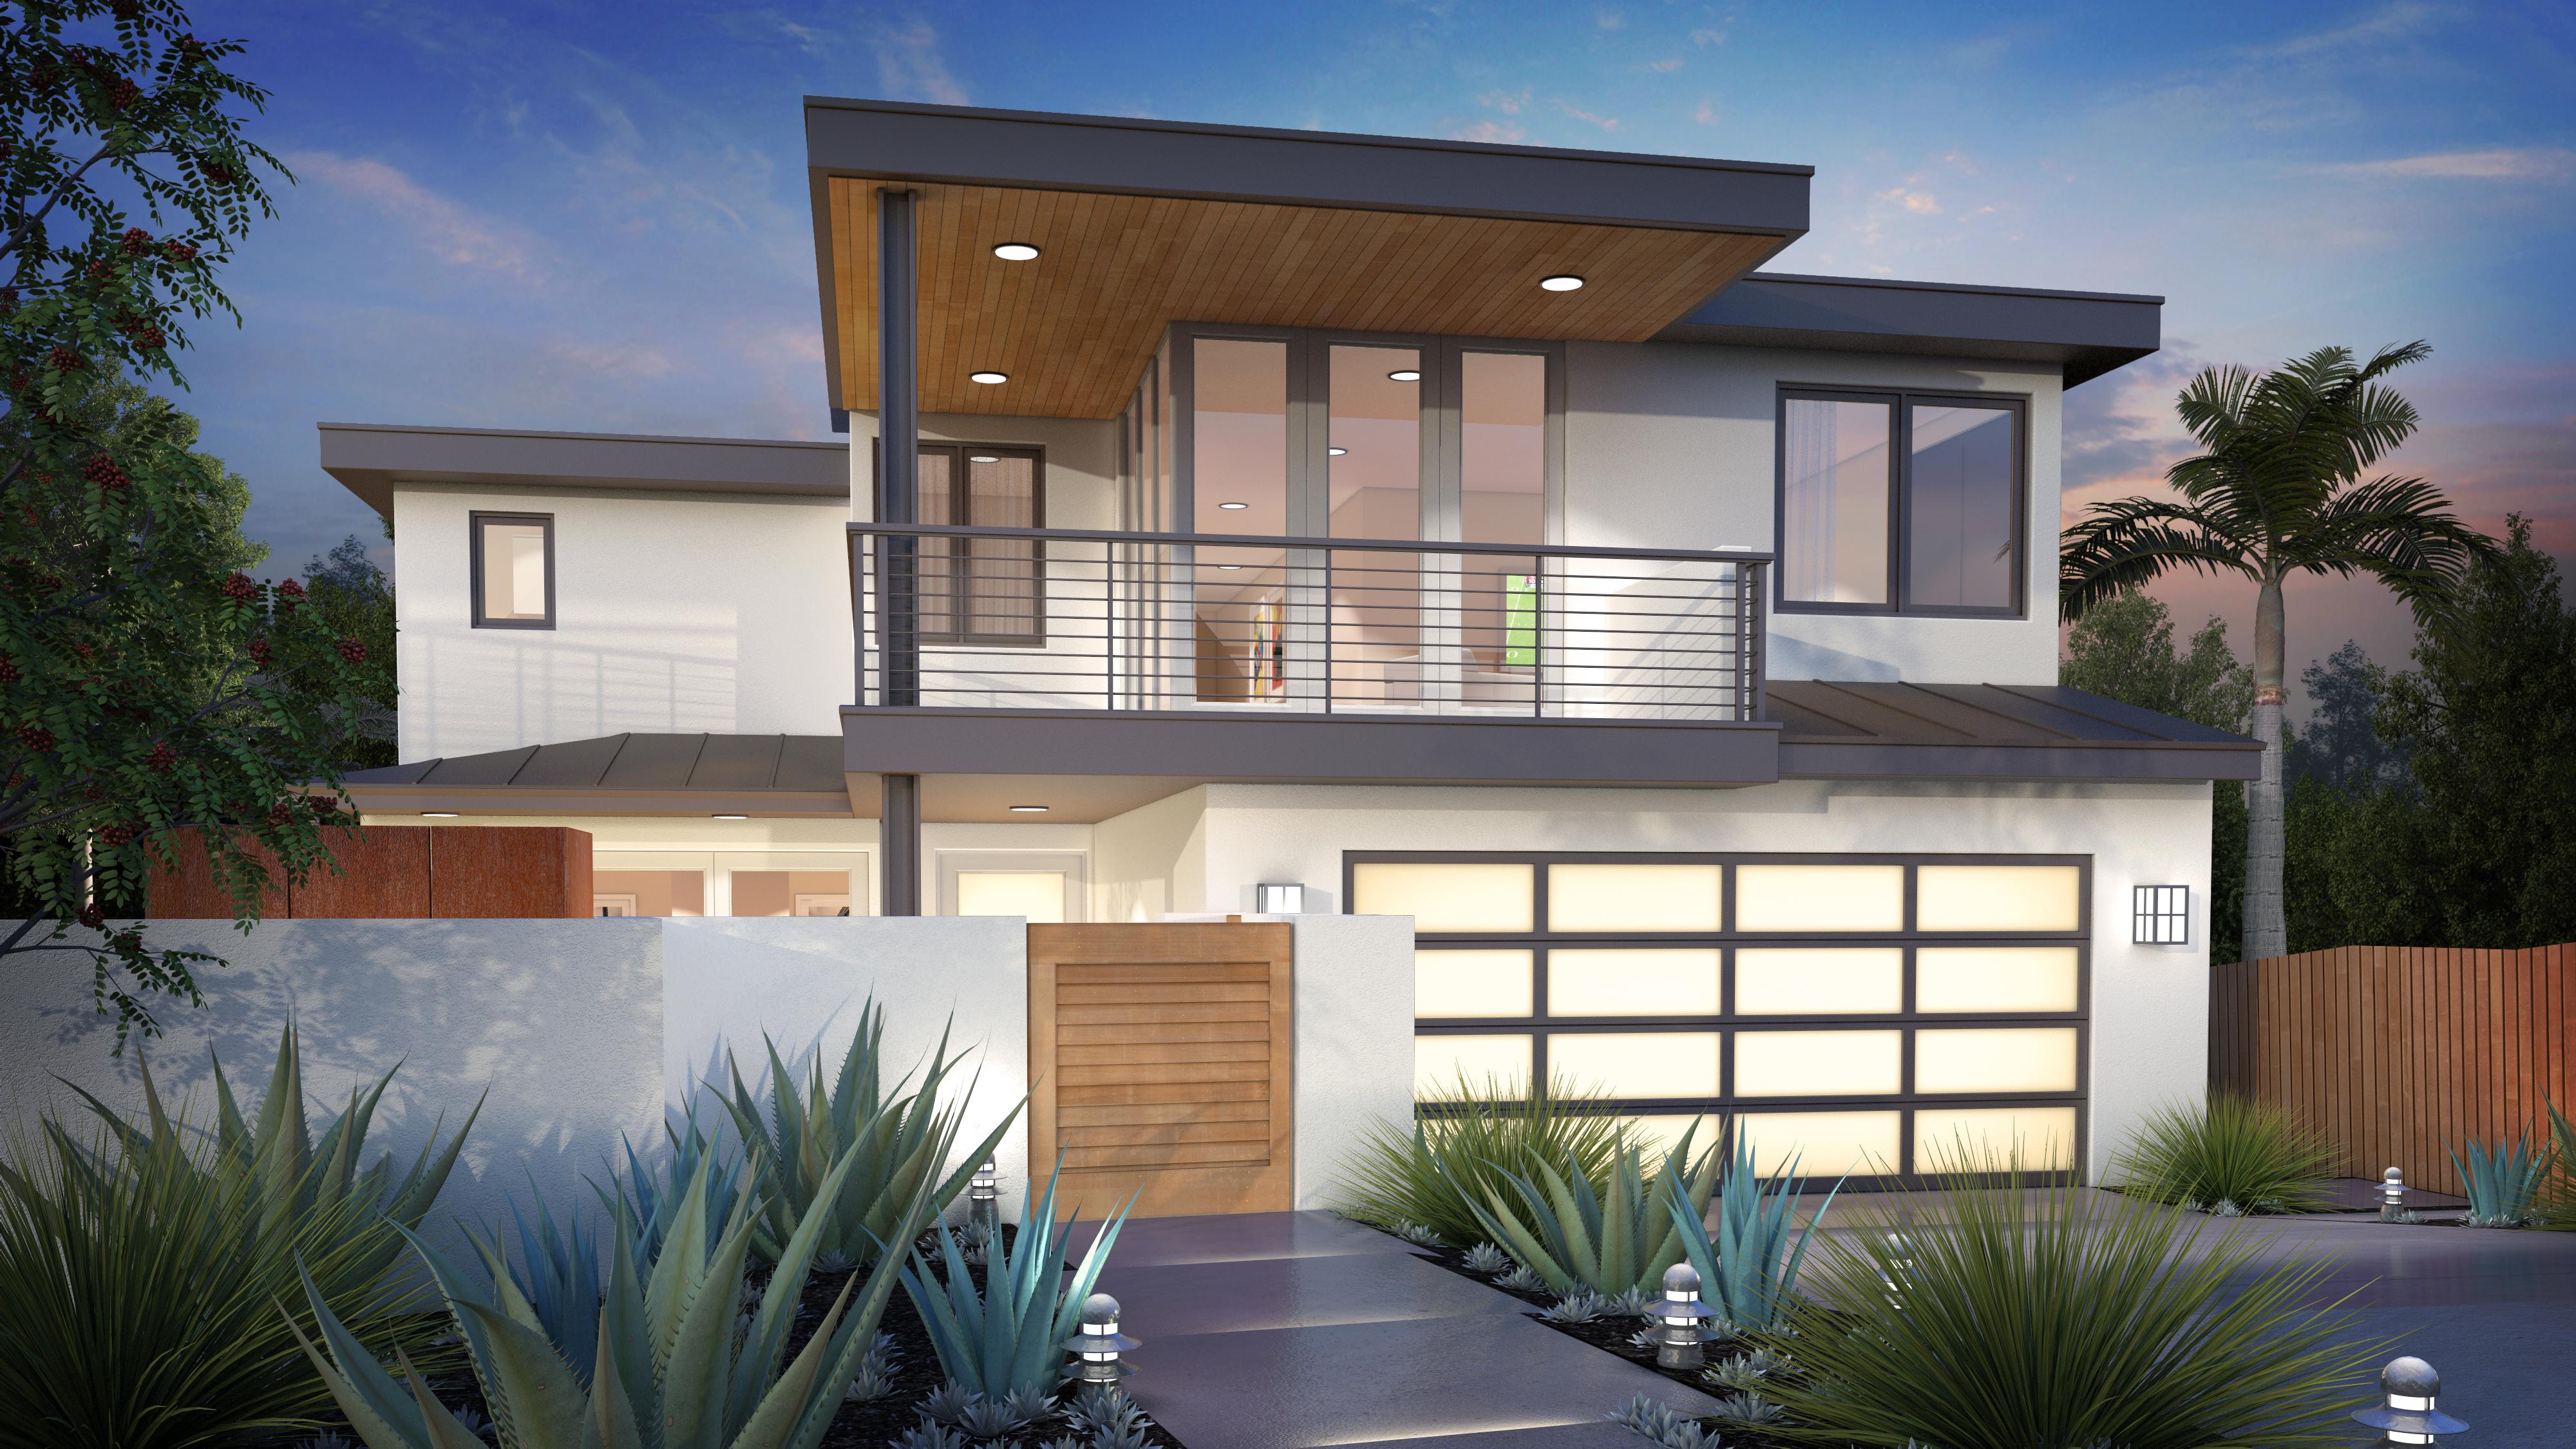 Fachadas con luces - Luces exteriores para casas ...